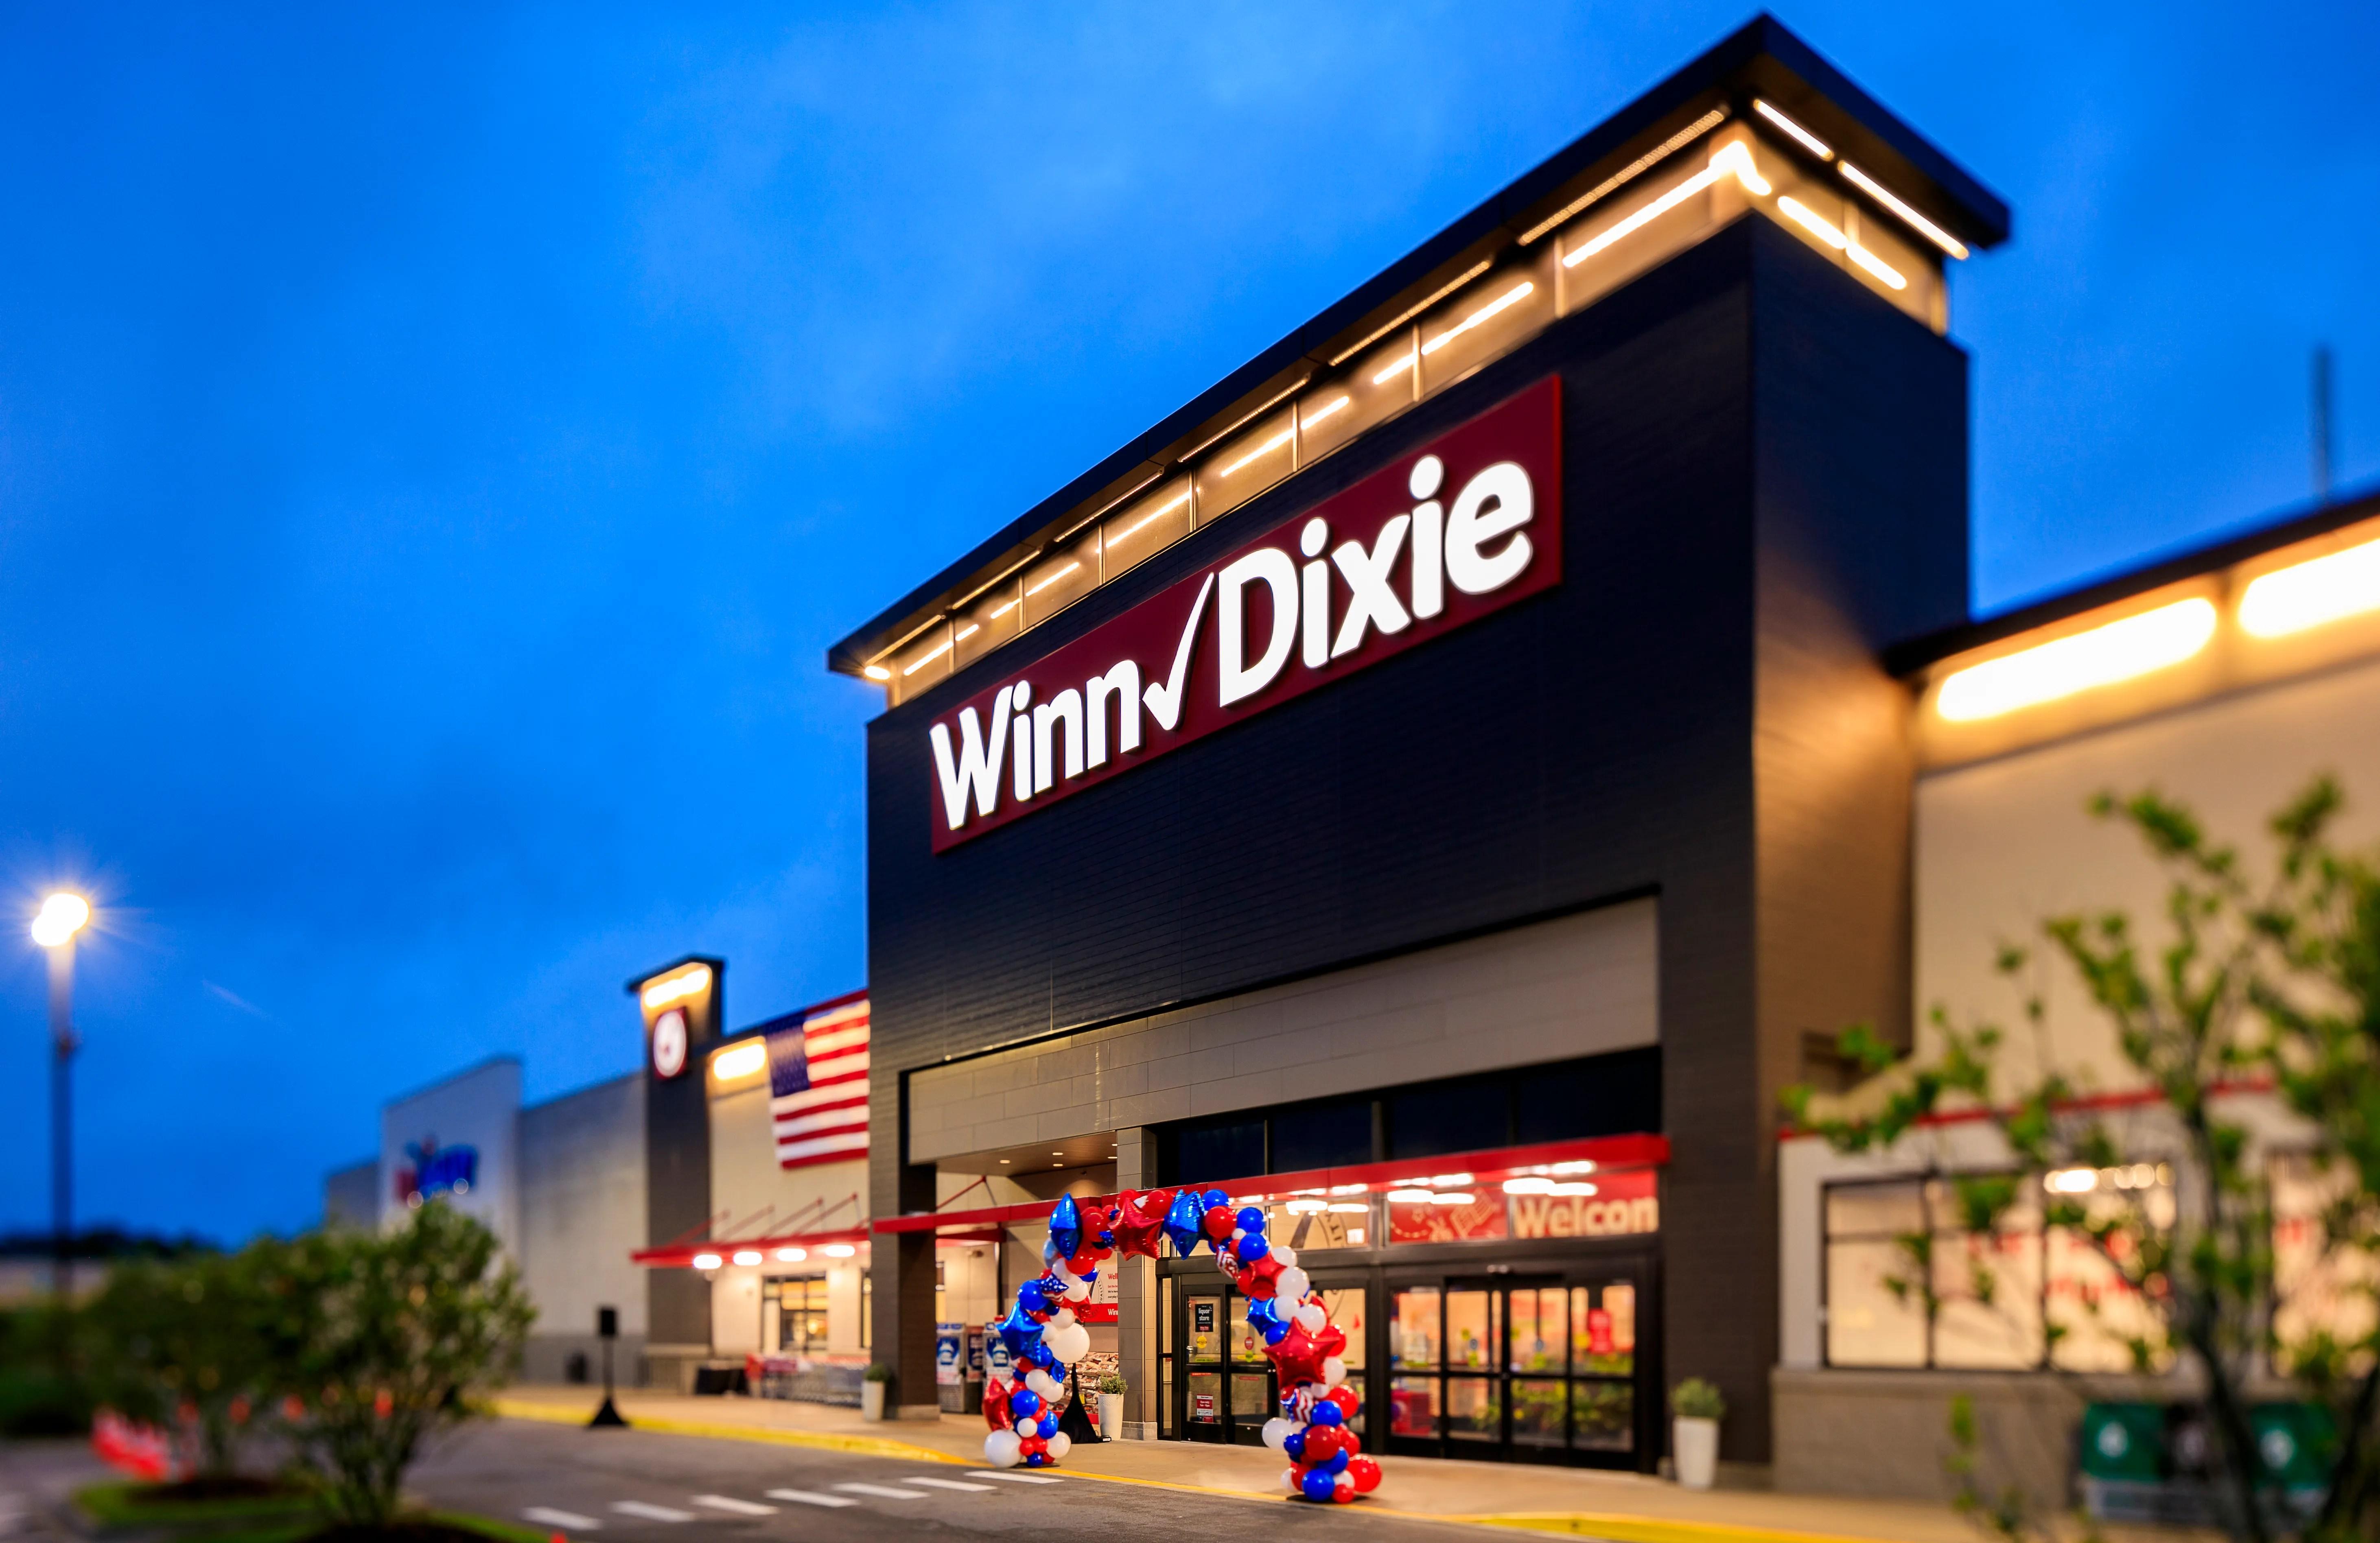 4 jacksonville winn dixie stores